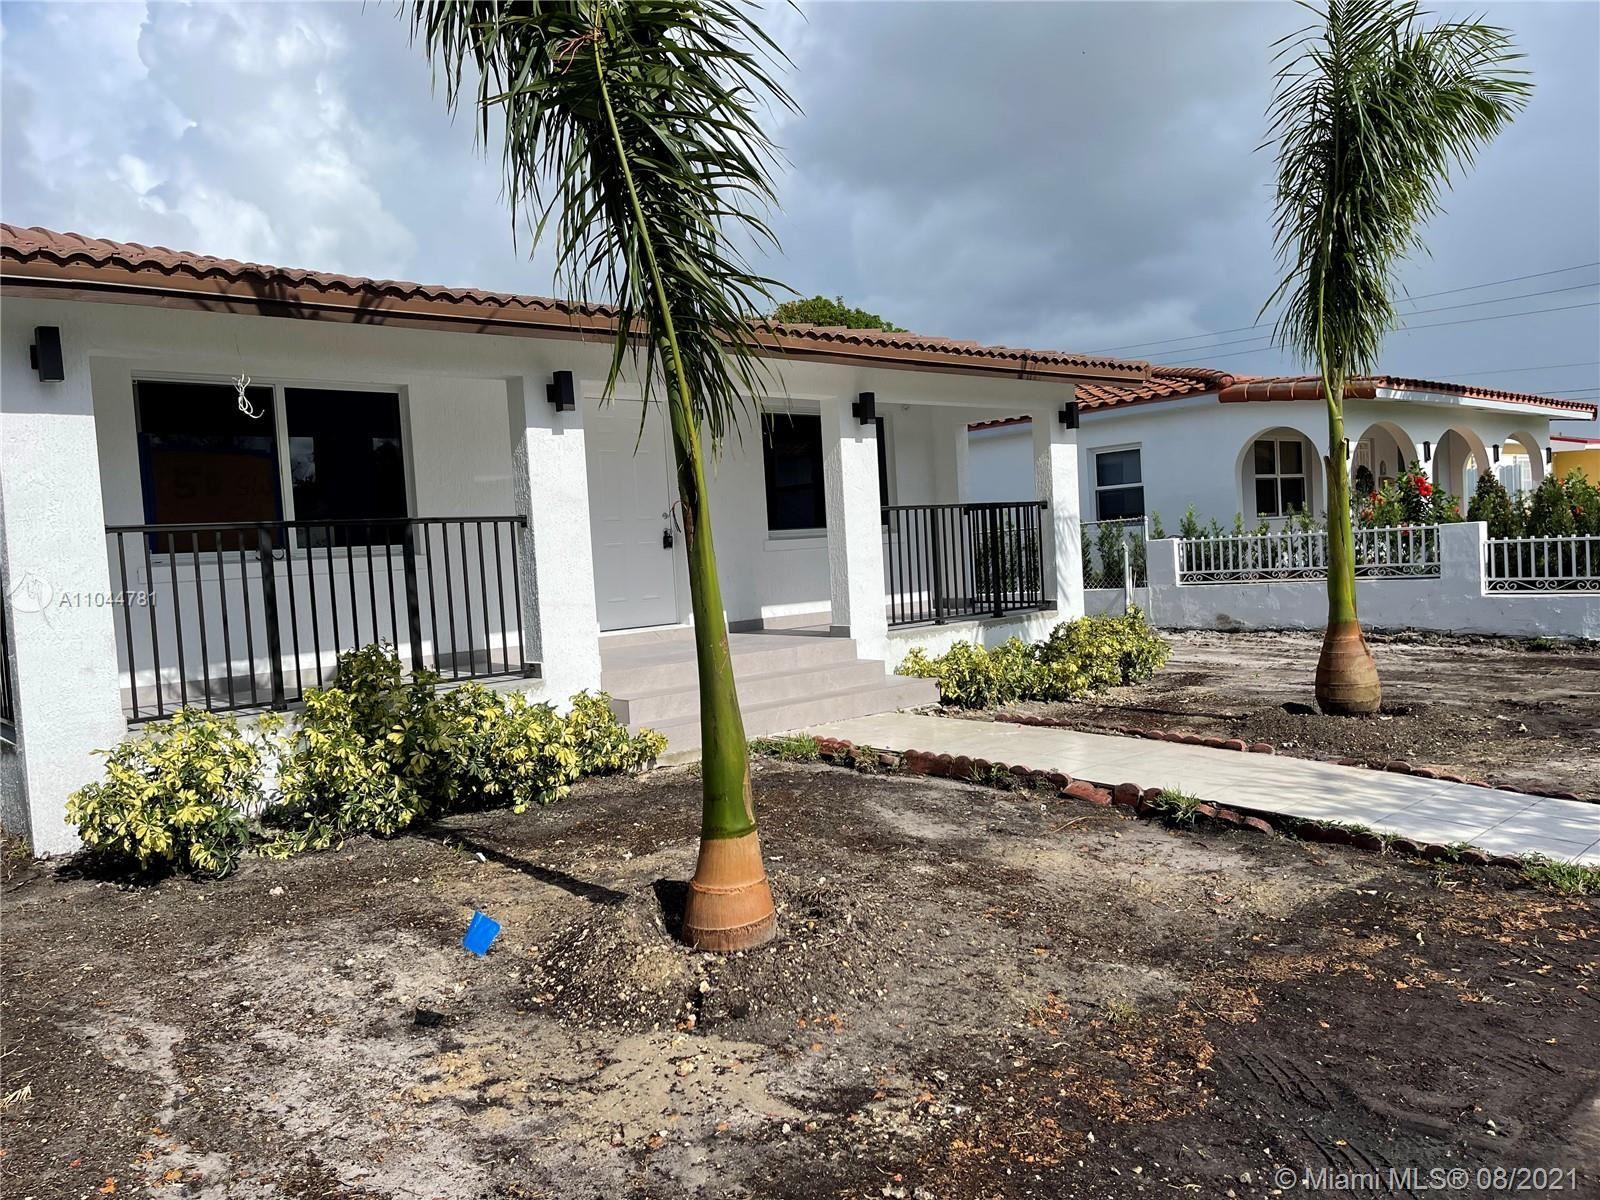 Miami, FL 33144